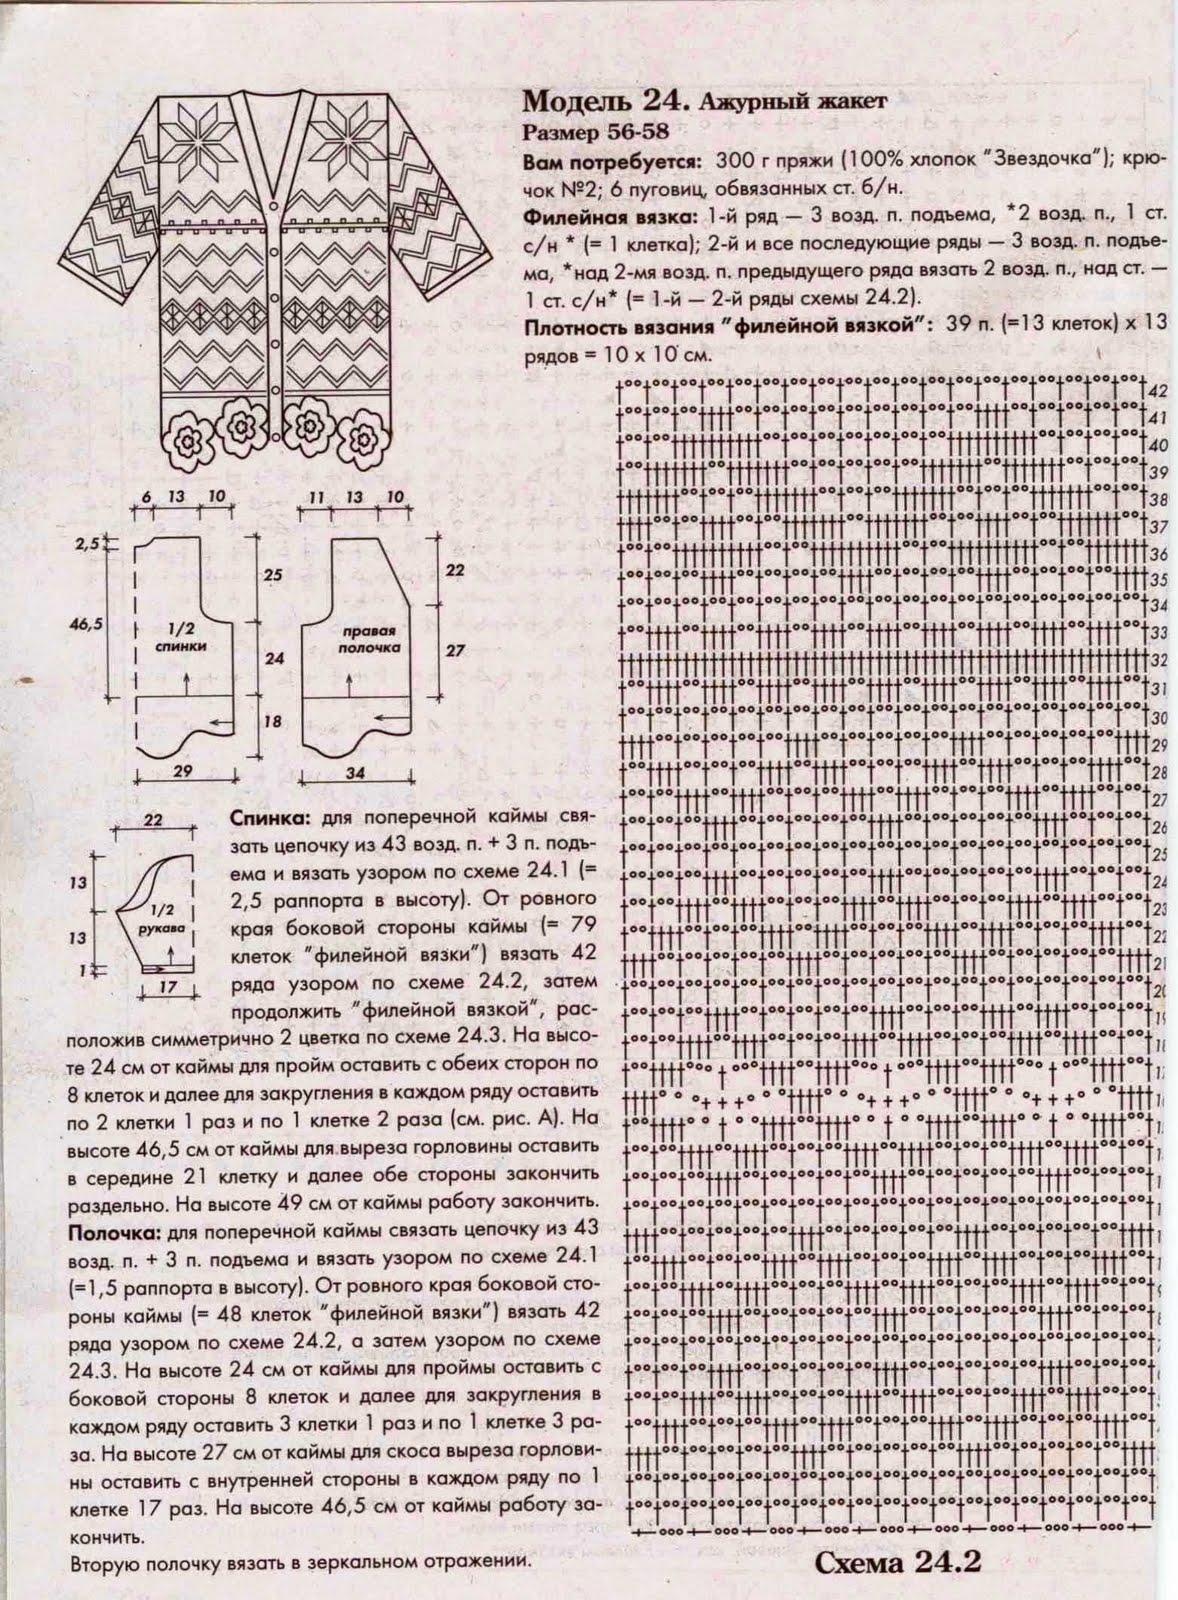 Кардиганы филейного вязания крючком схемы